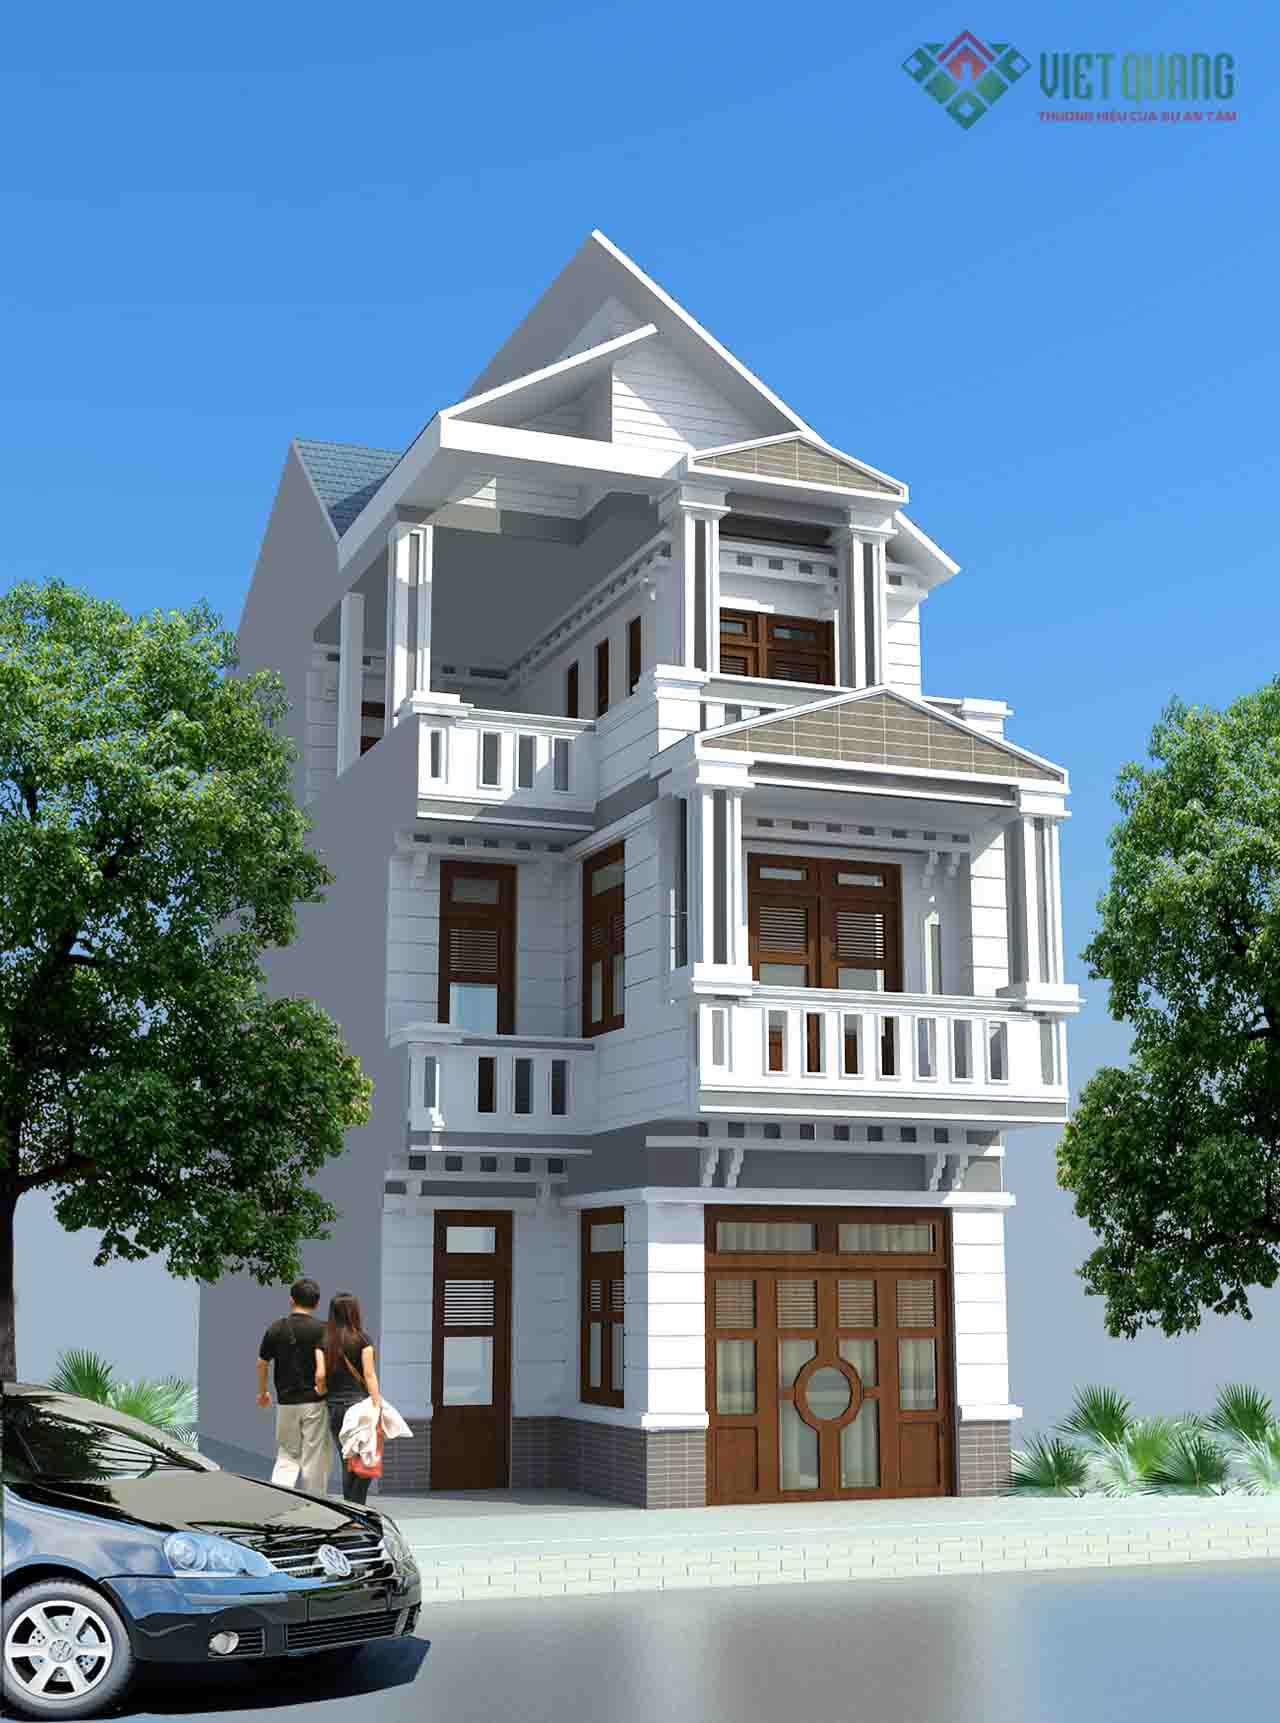 Mẫu Thiết kế nhà phố 3 tầng đẹp nhất hiện nay